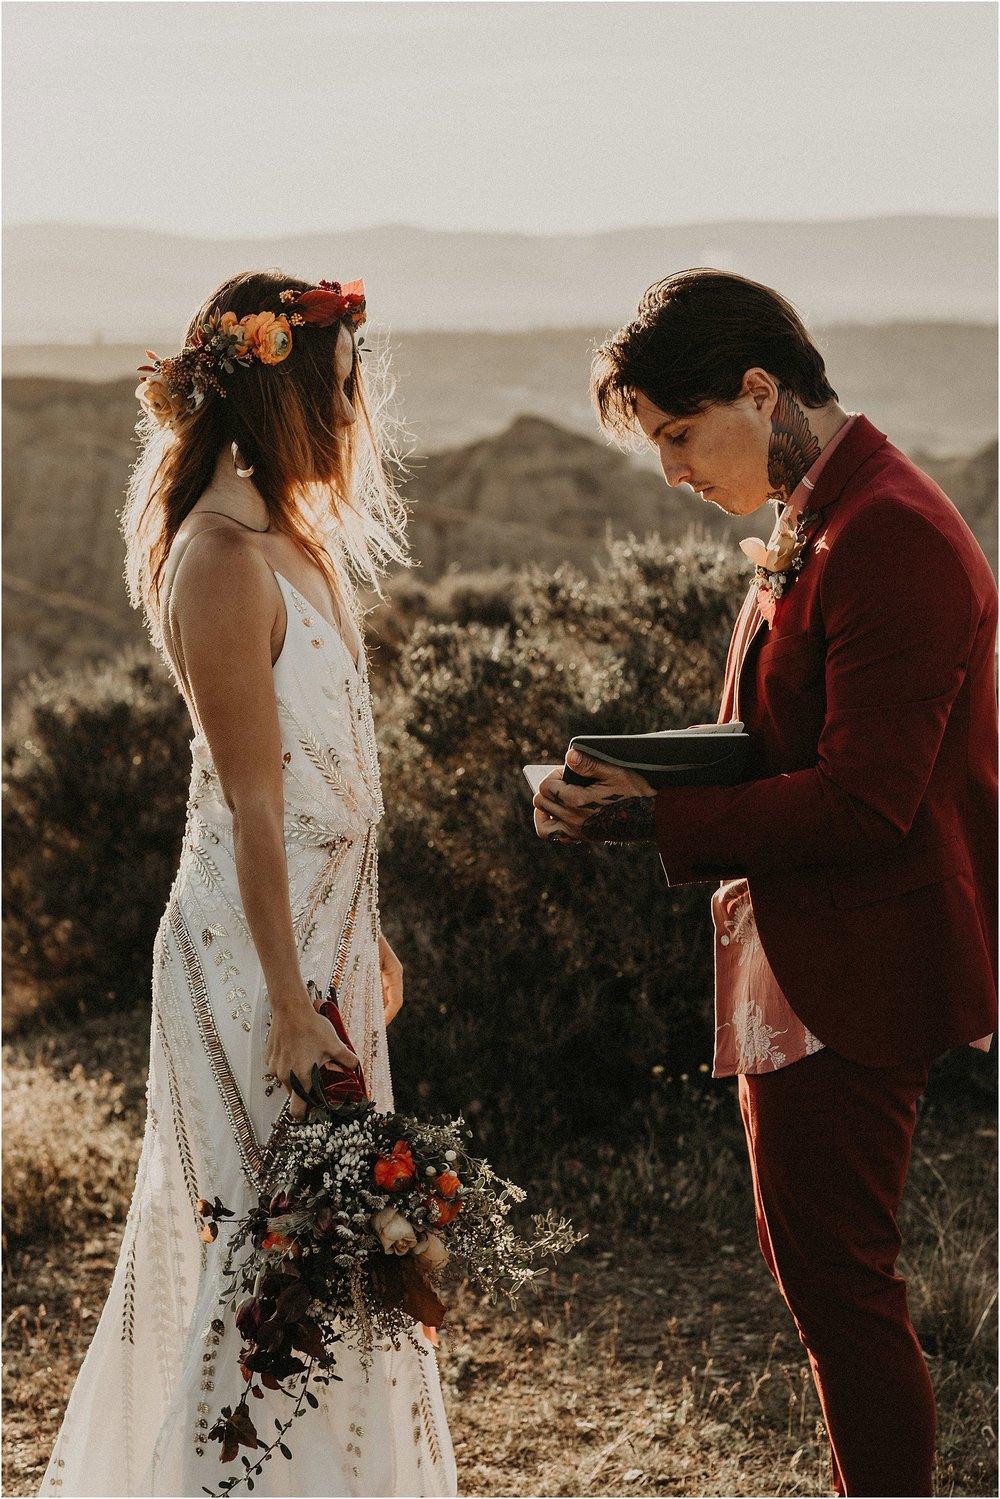 Indie wedding in Spain 26.jpg